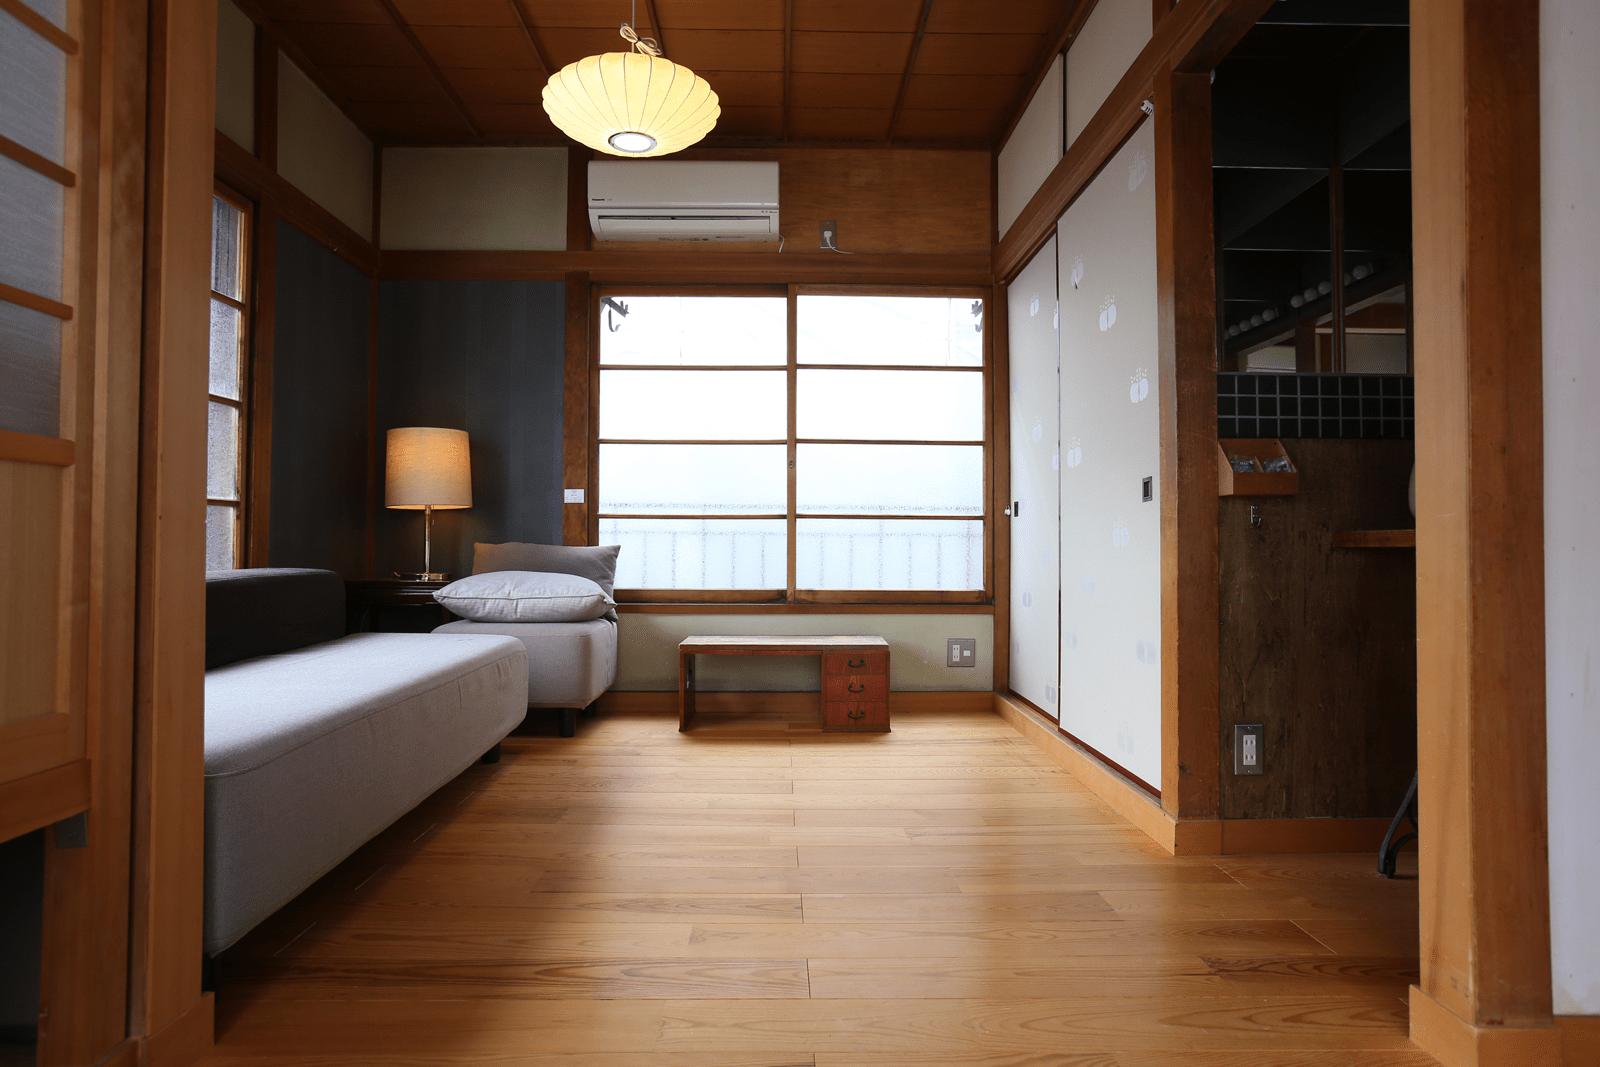 Araiya -宿場JAPAN- 様客室写真2 (Before) カーペットを敷く前